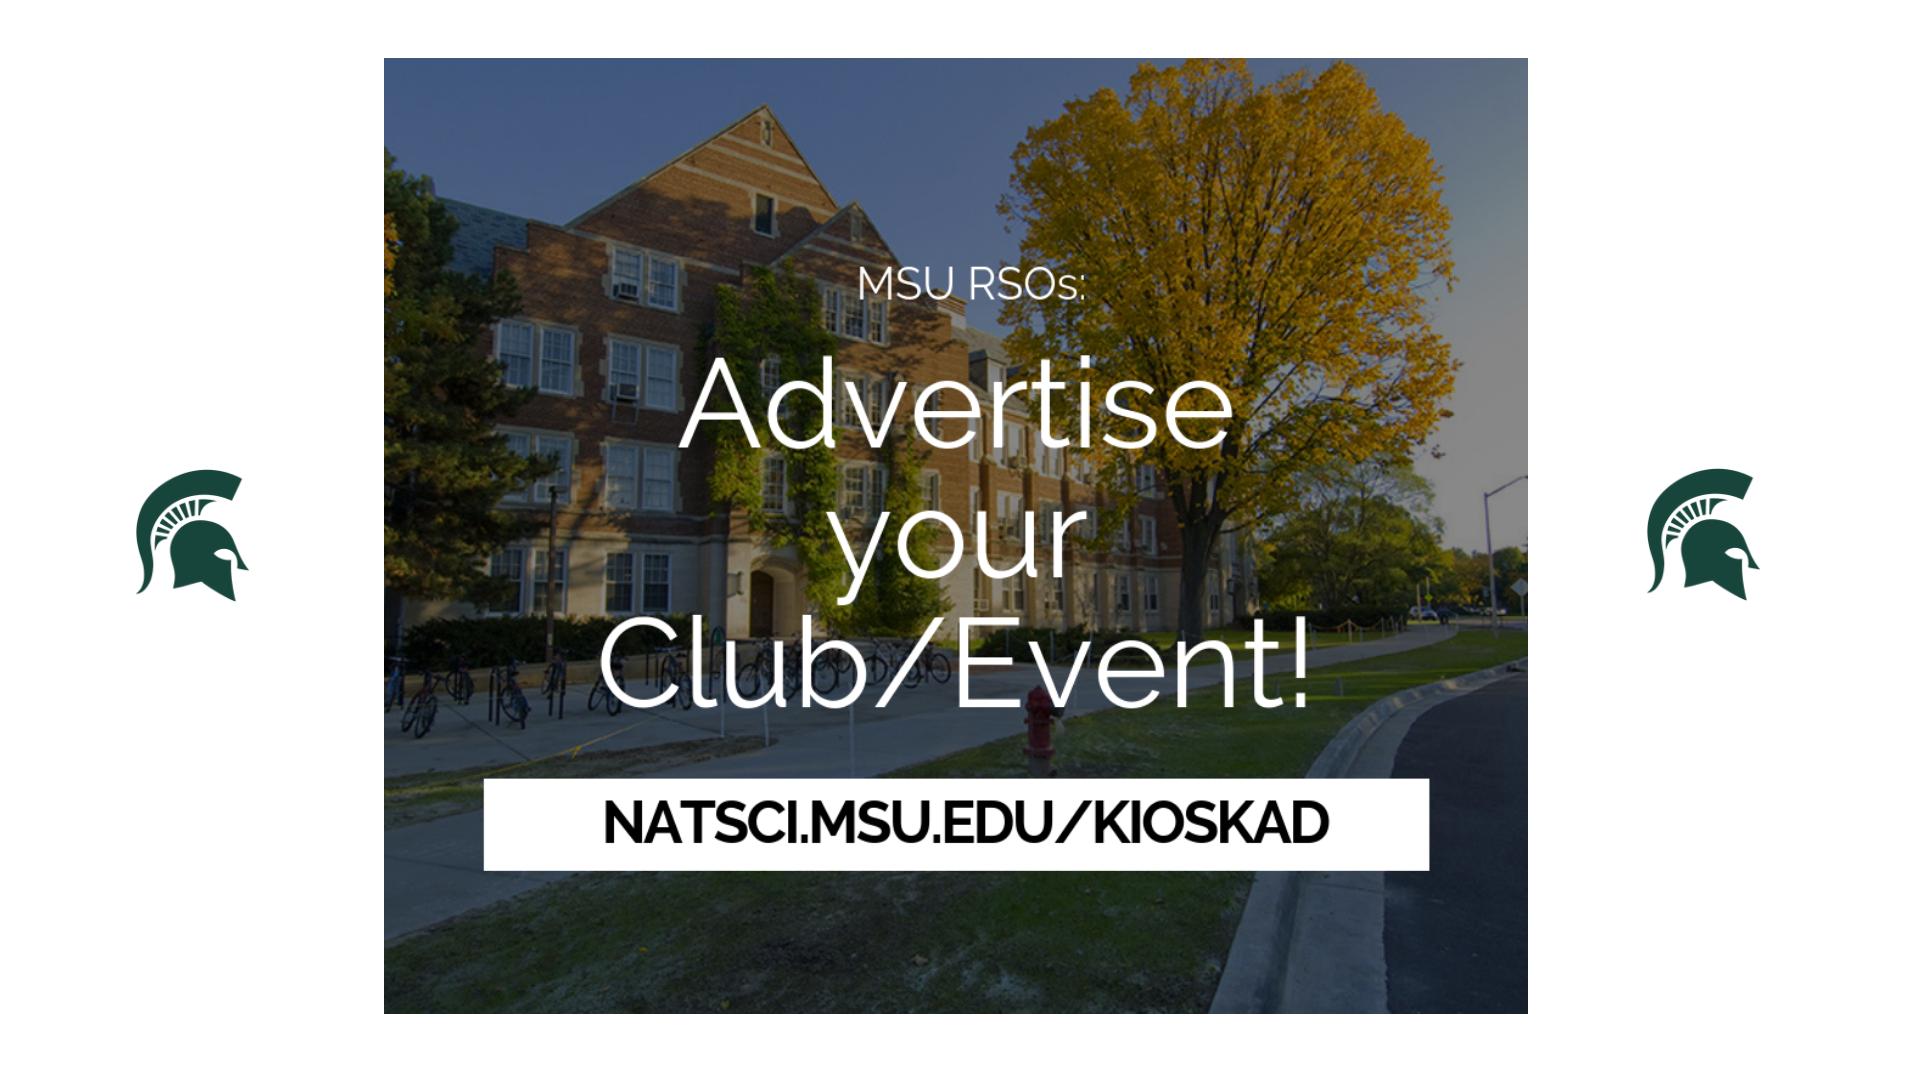 First slide KIOSK AD